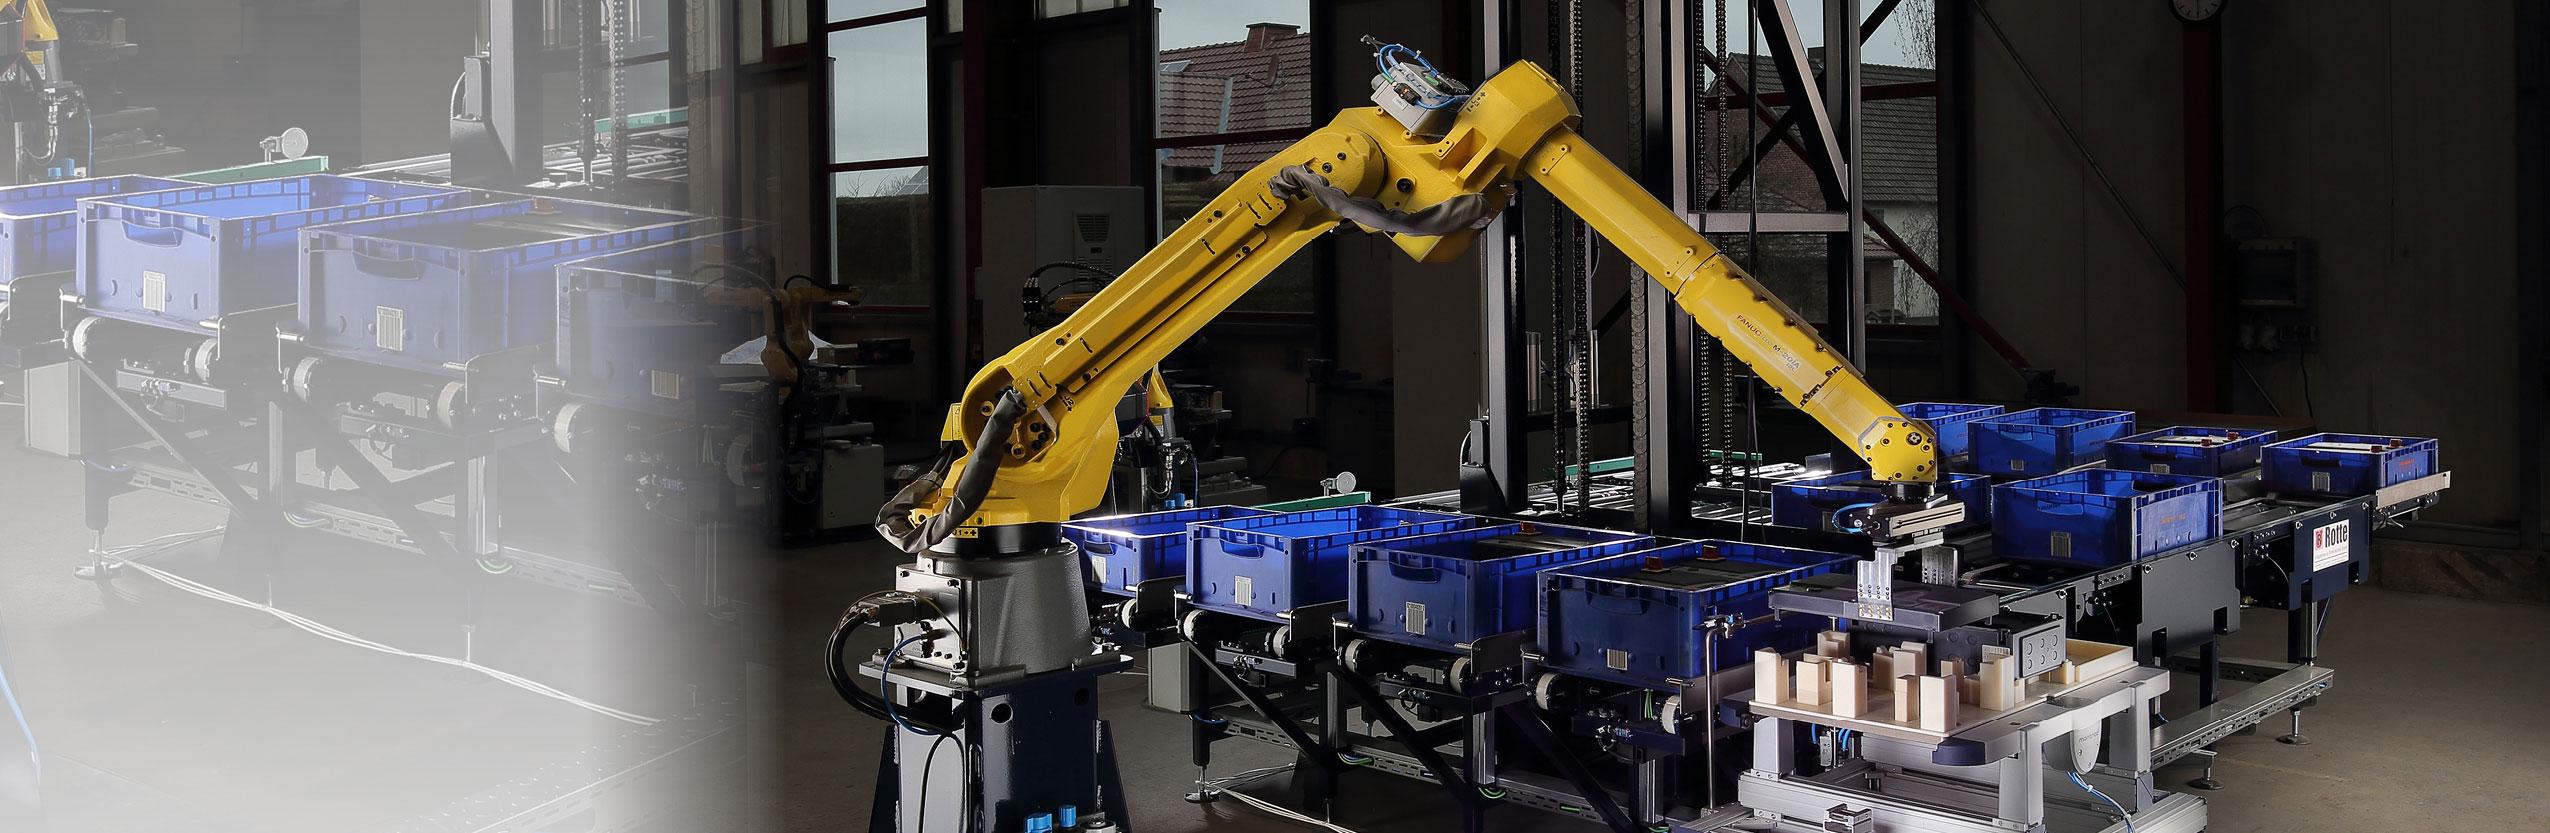 Rationalisierung durch Robotik und Automatisierungstechnik